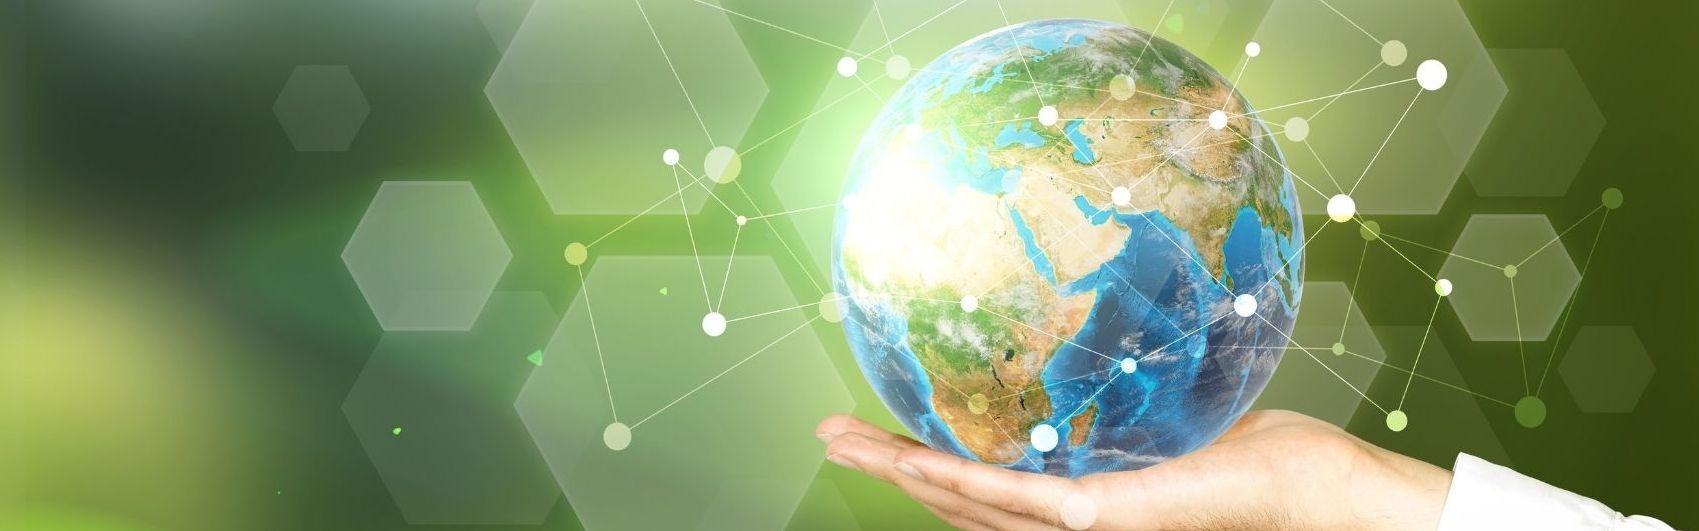 Online-Seminar: Ethische Fragen zum Umgang mit Gesundheitsdaten bei Forschungskooperation